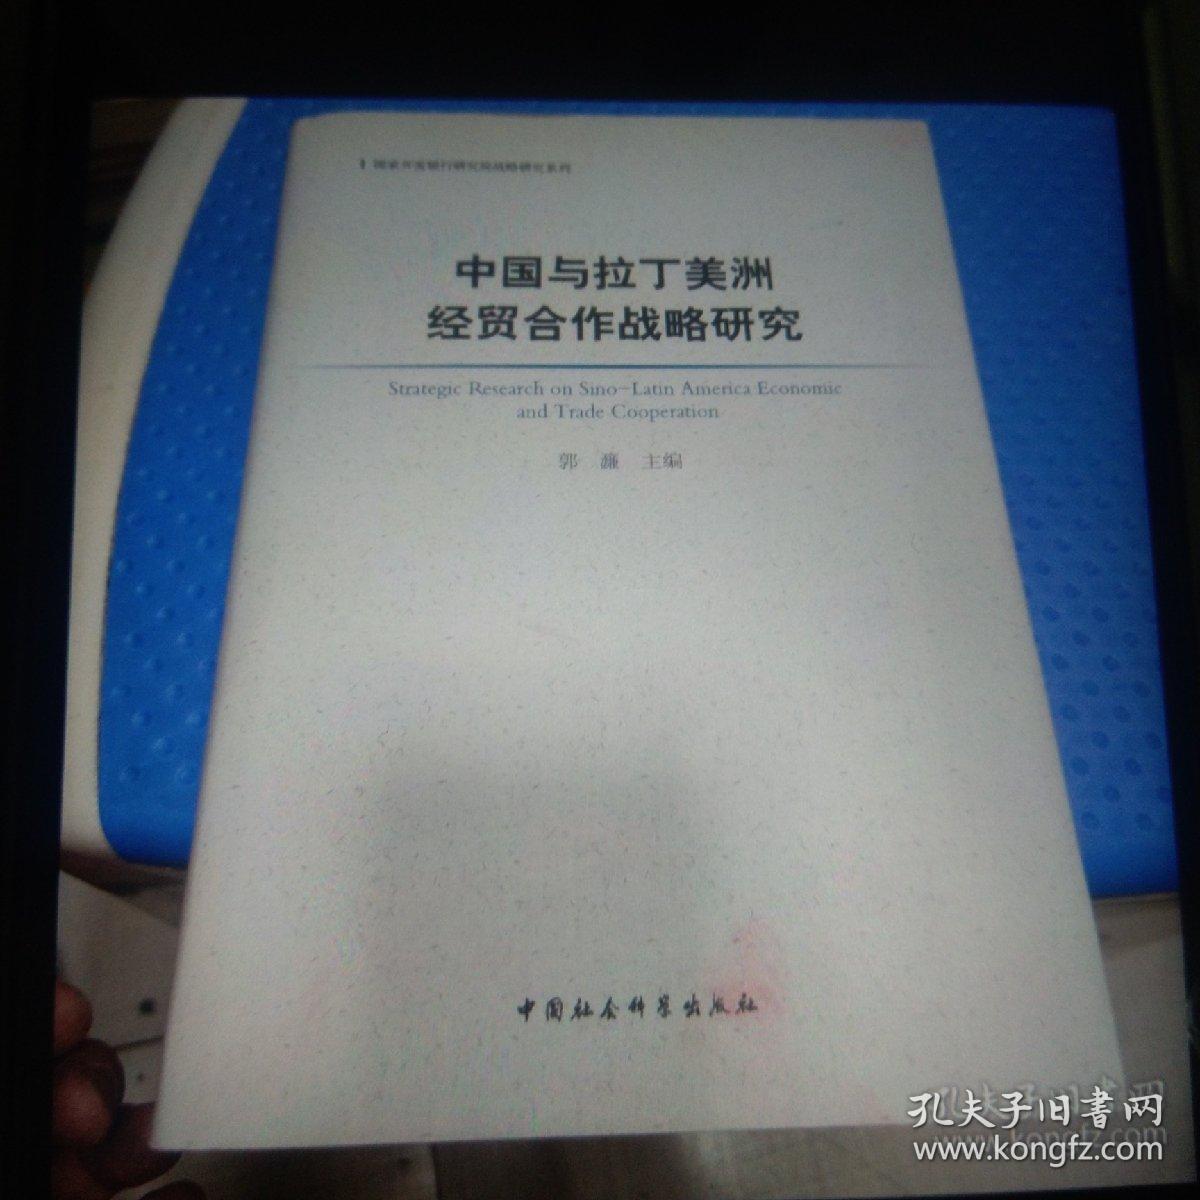 国家开发银行研究院战略研究系列:中国与拉丁美洲经贸合作战略研究